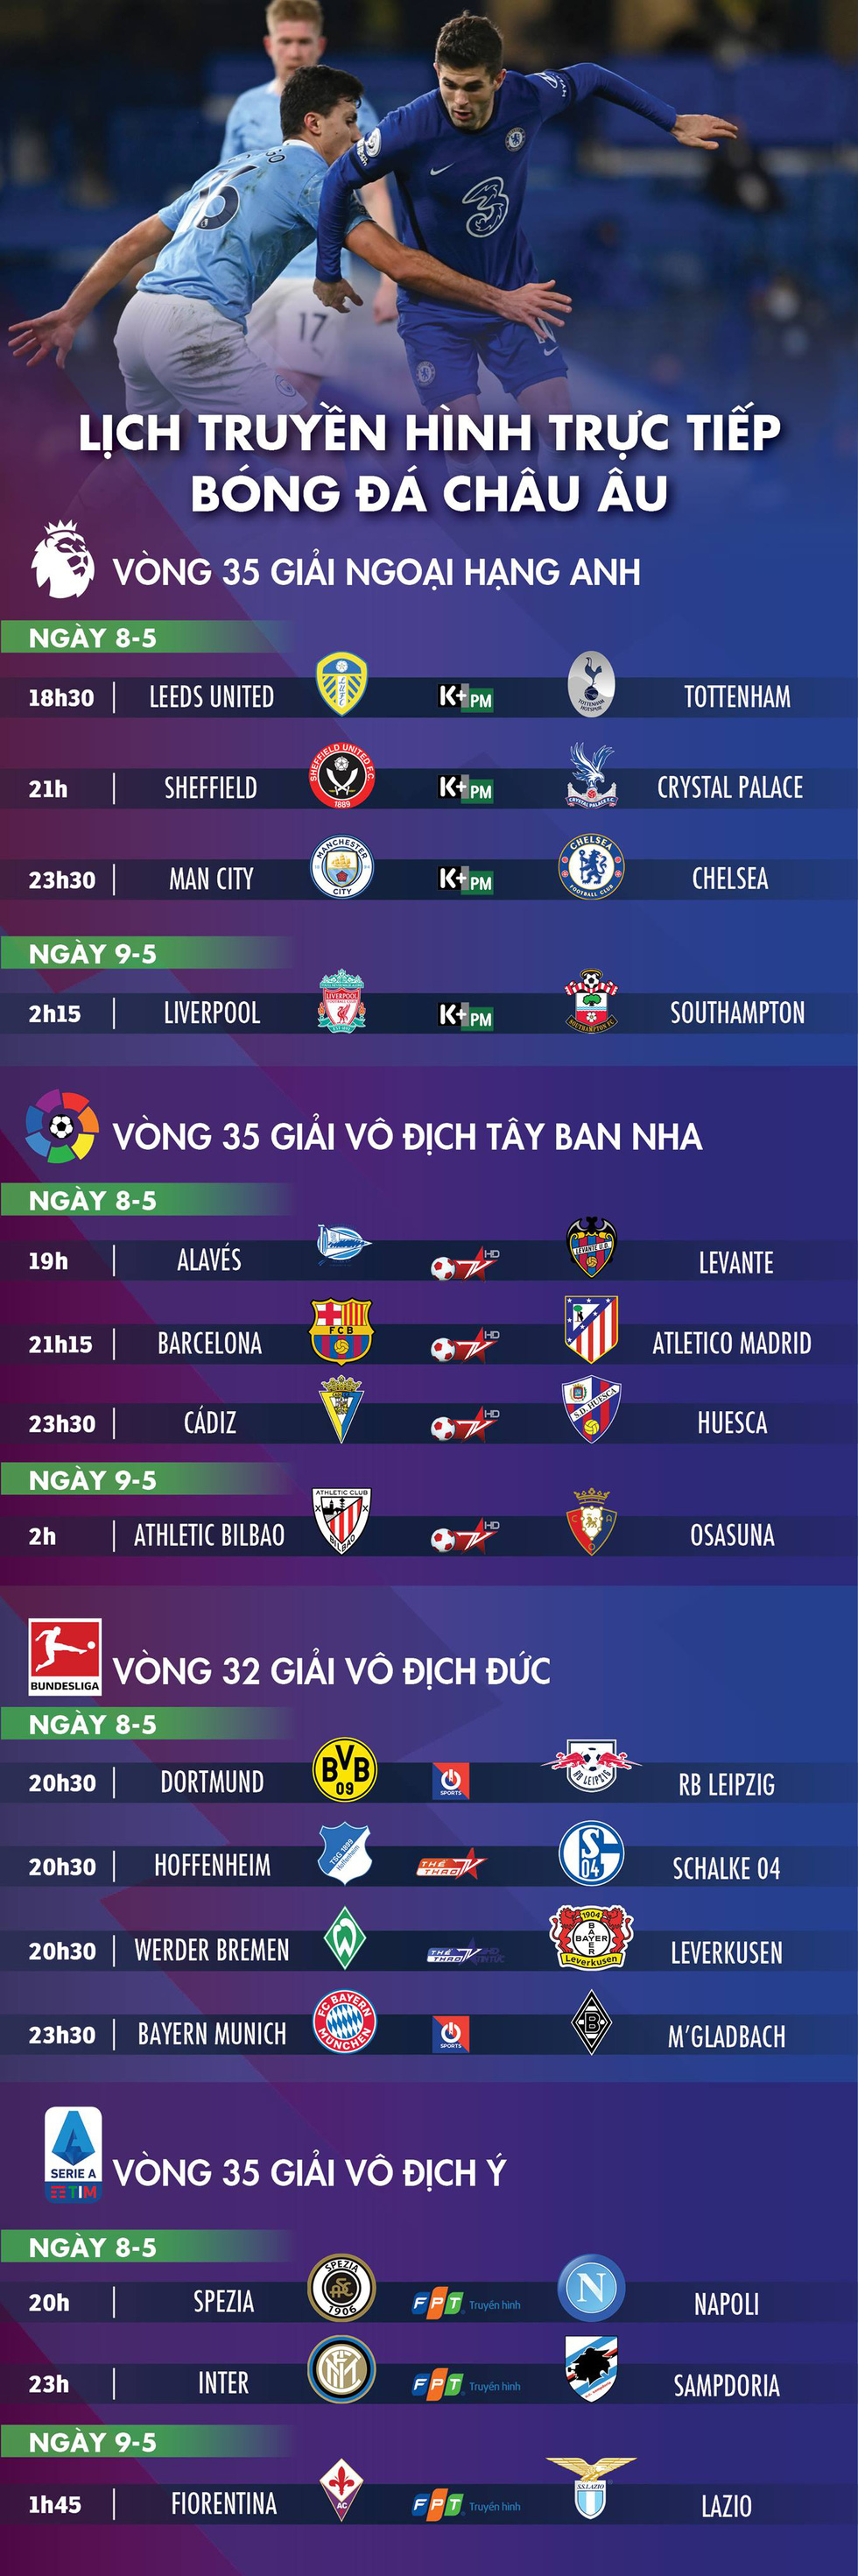 Lịch trực tiếp bóng đá châu Âu: Man City - Chelsea, Barca - Atletico Madrid - Ảnh 1.